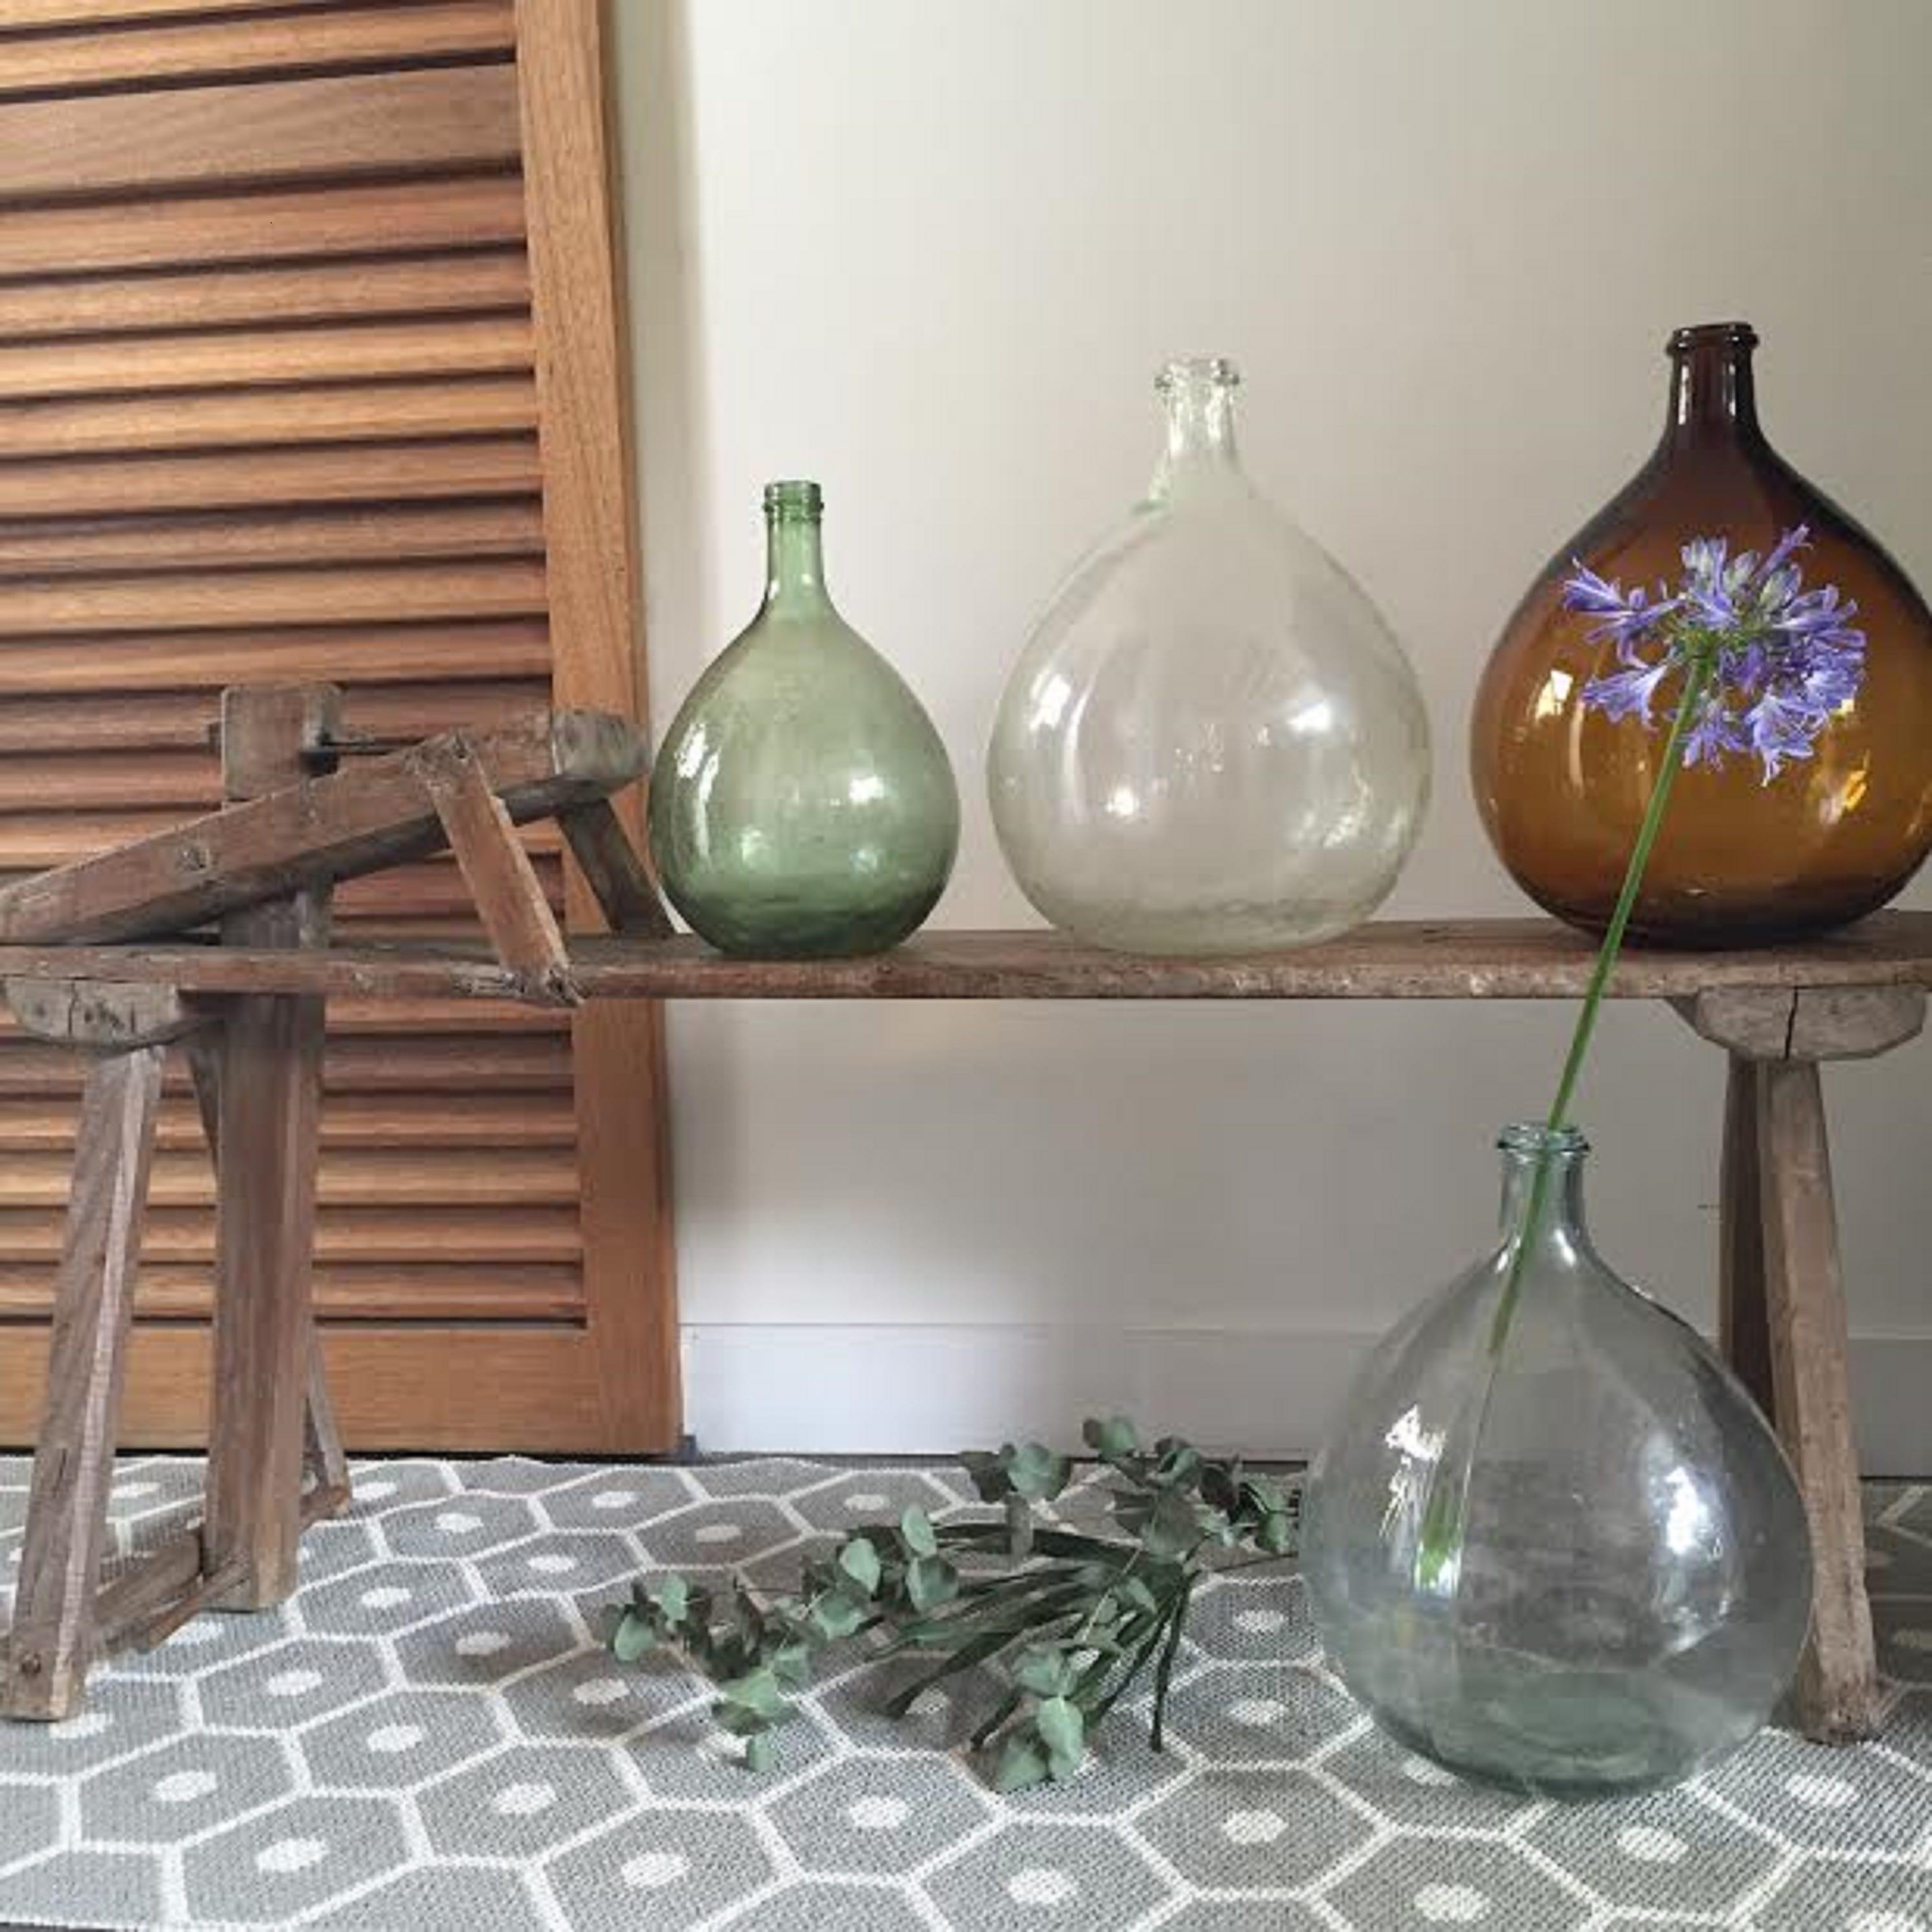 petit banc en bois lignedebrocante brocante en ligne chine pour vous meubles vintage et. Black Bedroom Furniture Sets. Home Design Ideas